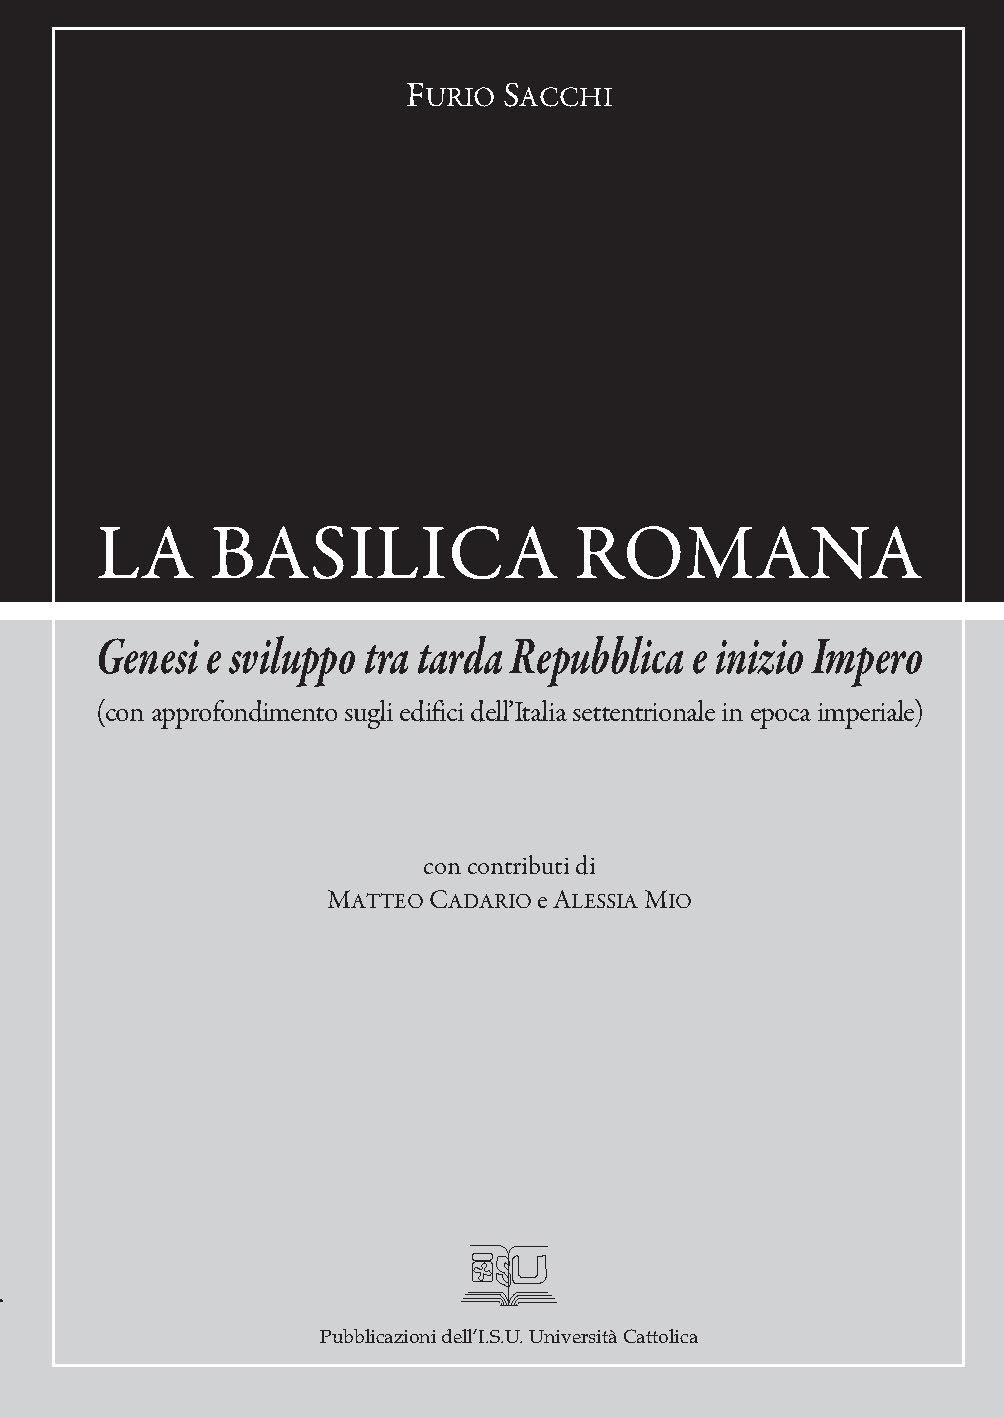 LA BASILICA ROMANA. GENESI E SVILUPPO TRA TARDA REPUBBLICA E INIZIO IMPERO